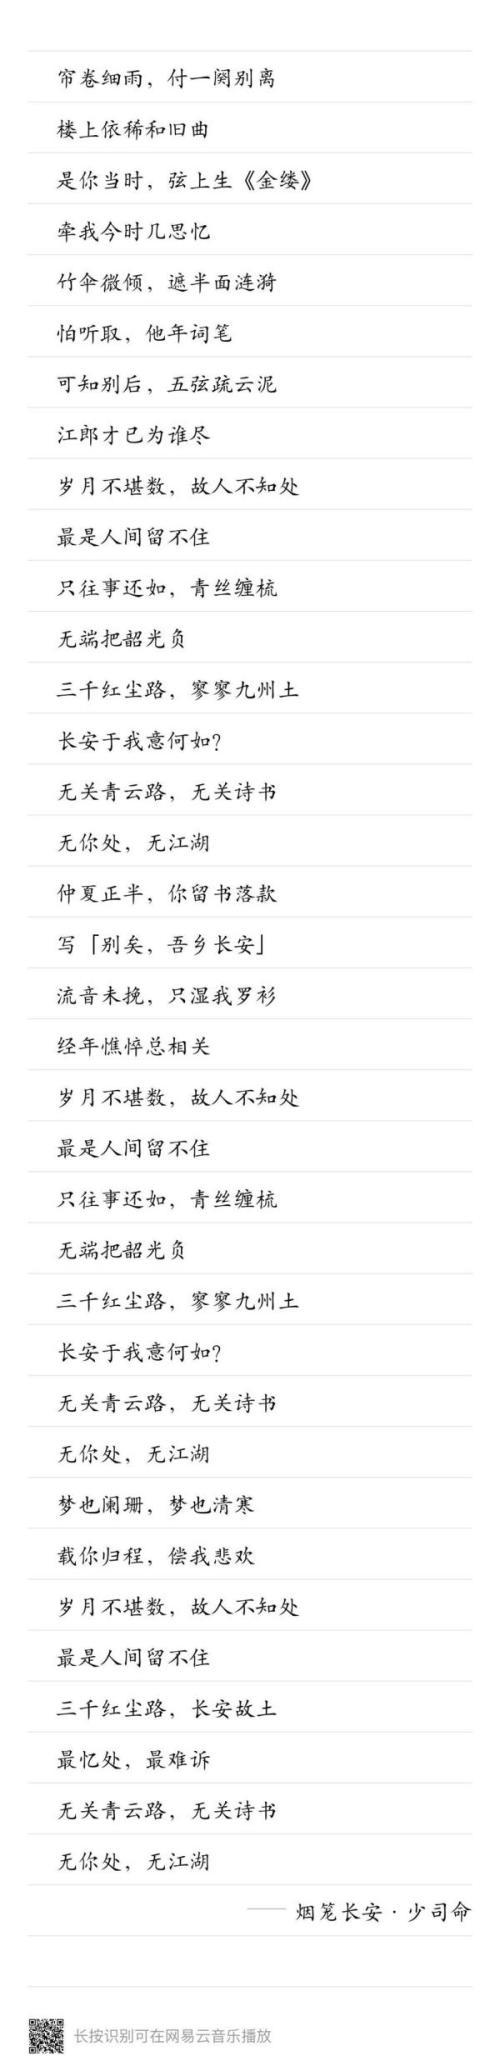 爱就爱-张靓颖(MP3歌词/LRC歌词) lrc歌词下载 第3张